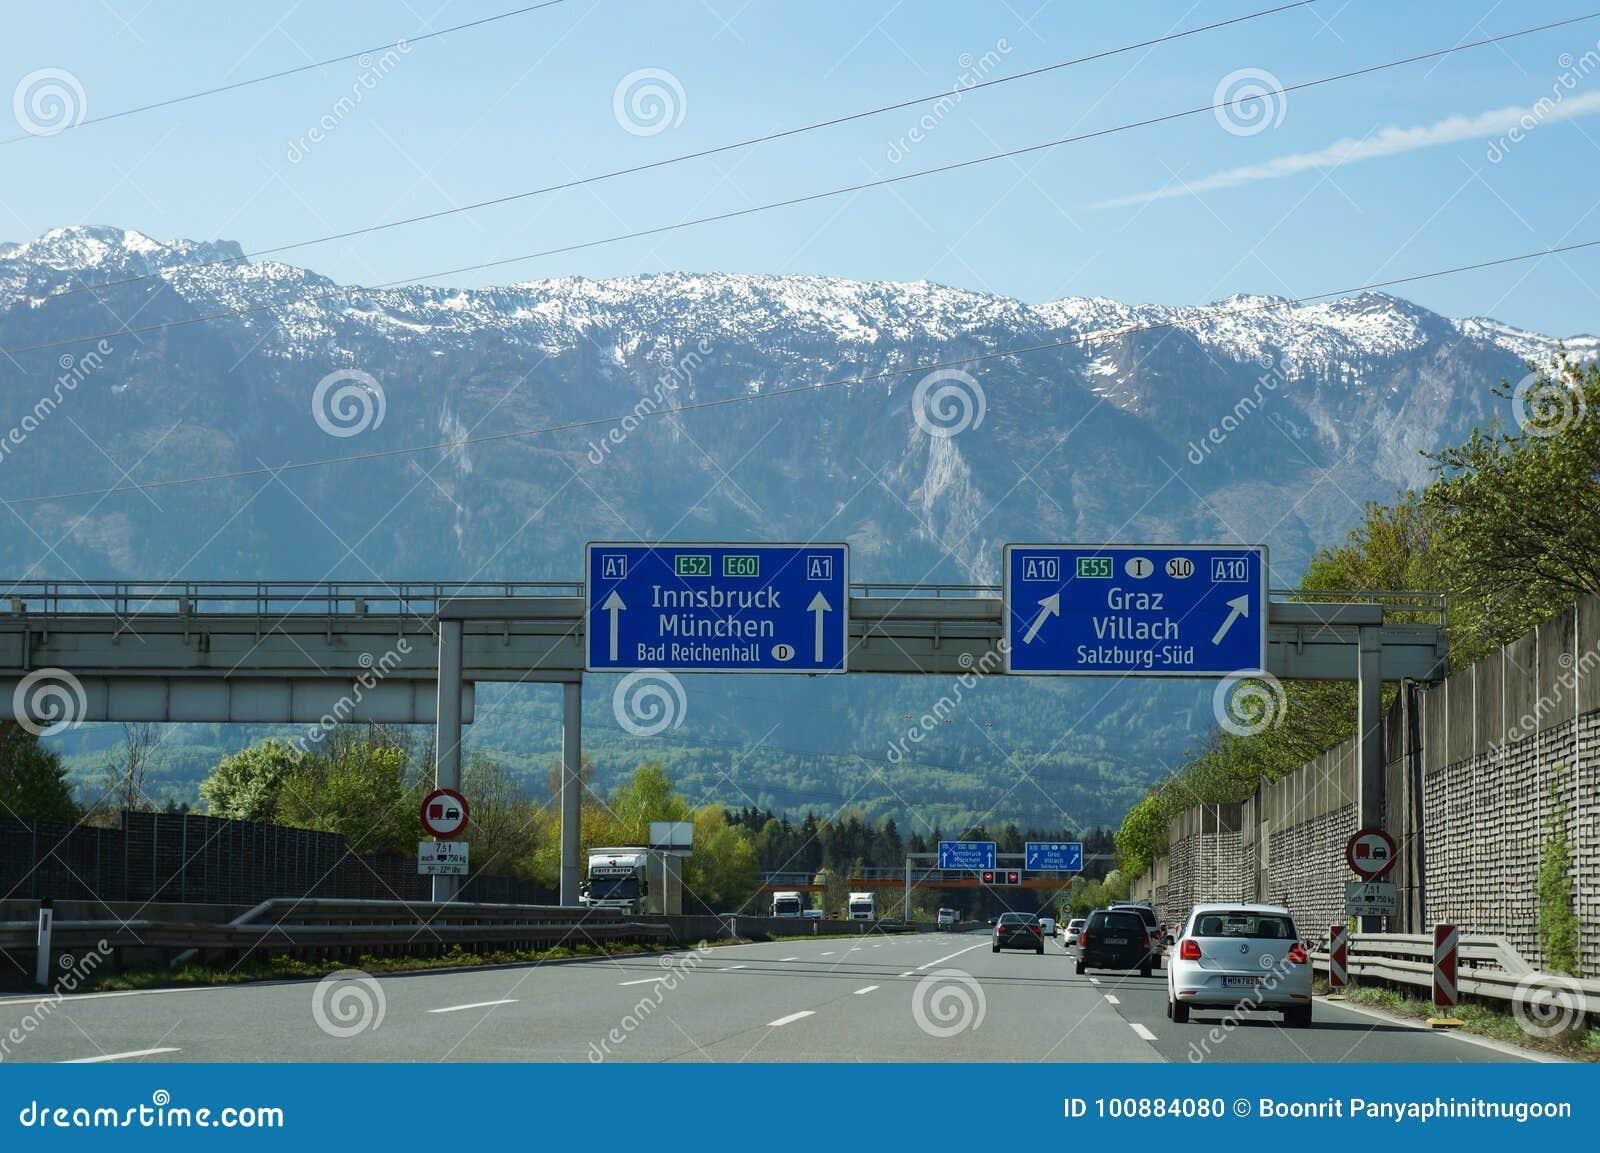 Salzburg Autobahn